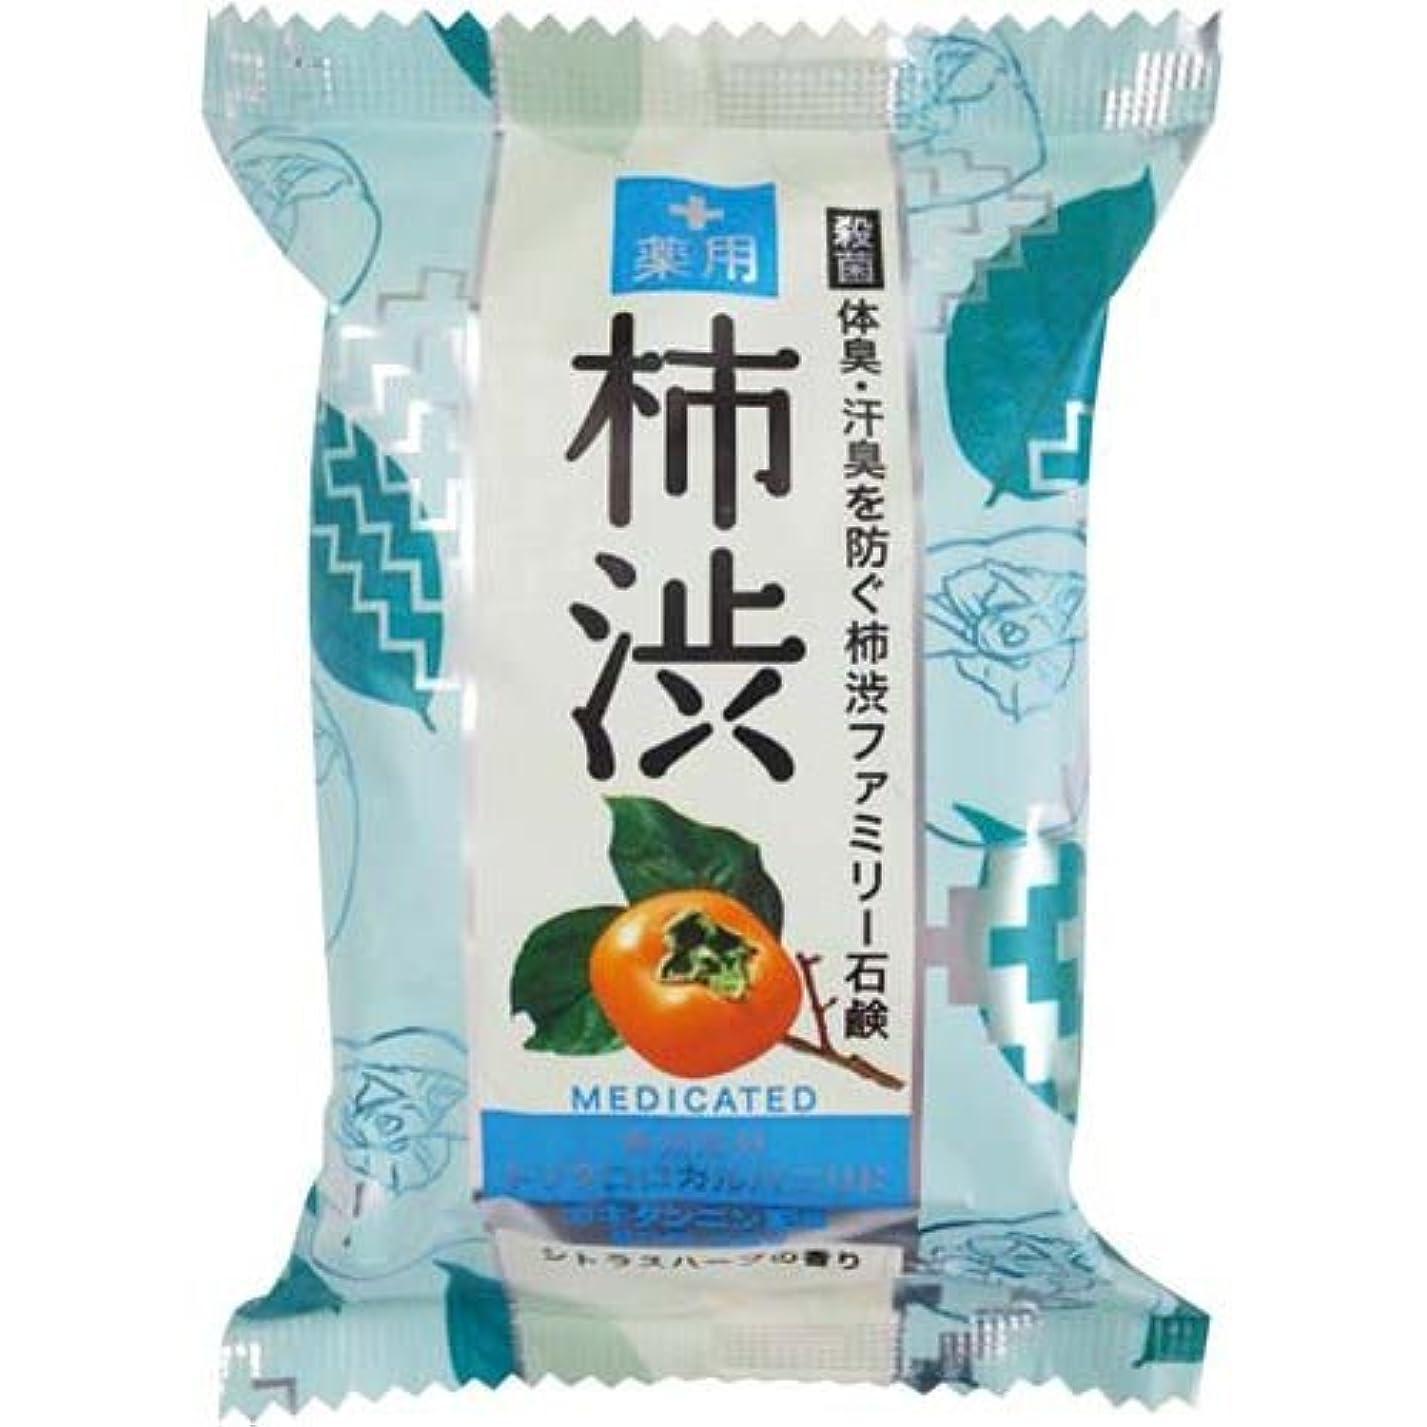 品揃え艶ビジネスペリカン石鹸 薬用ファミリー柿渋石鹸×6個×4箱